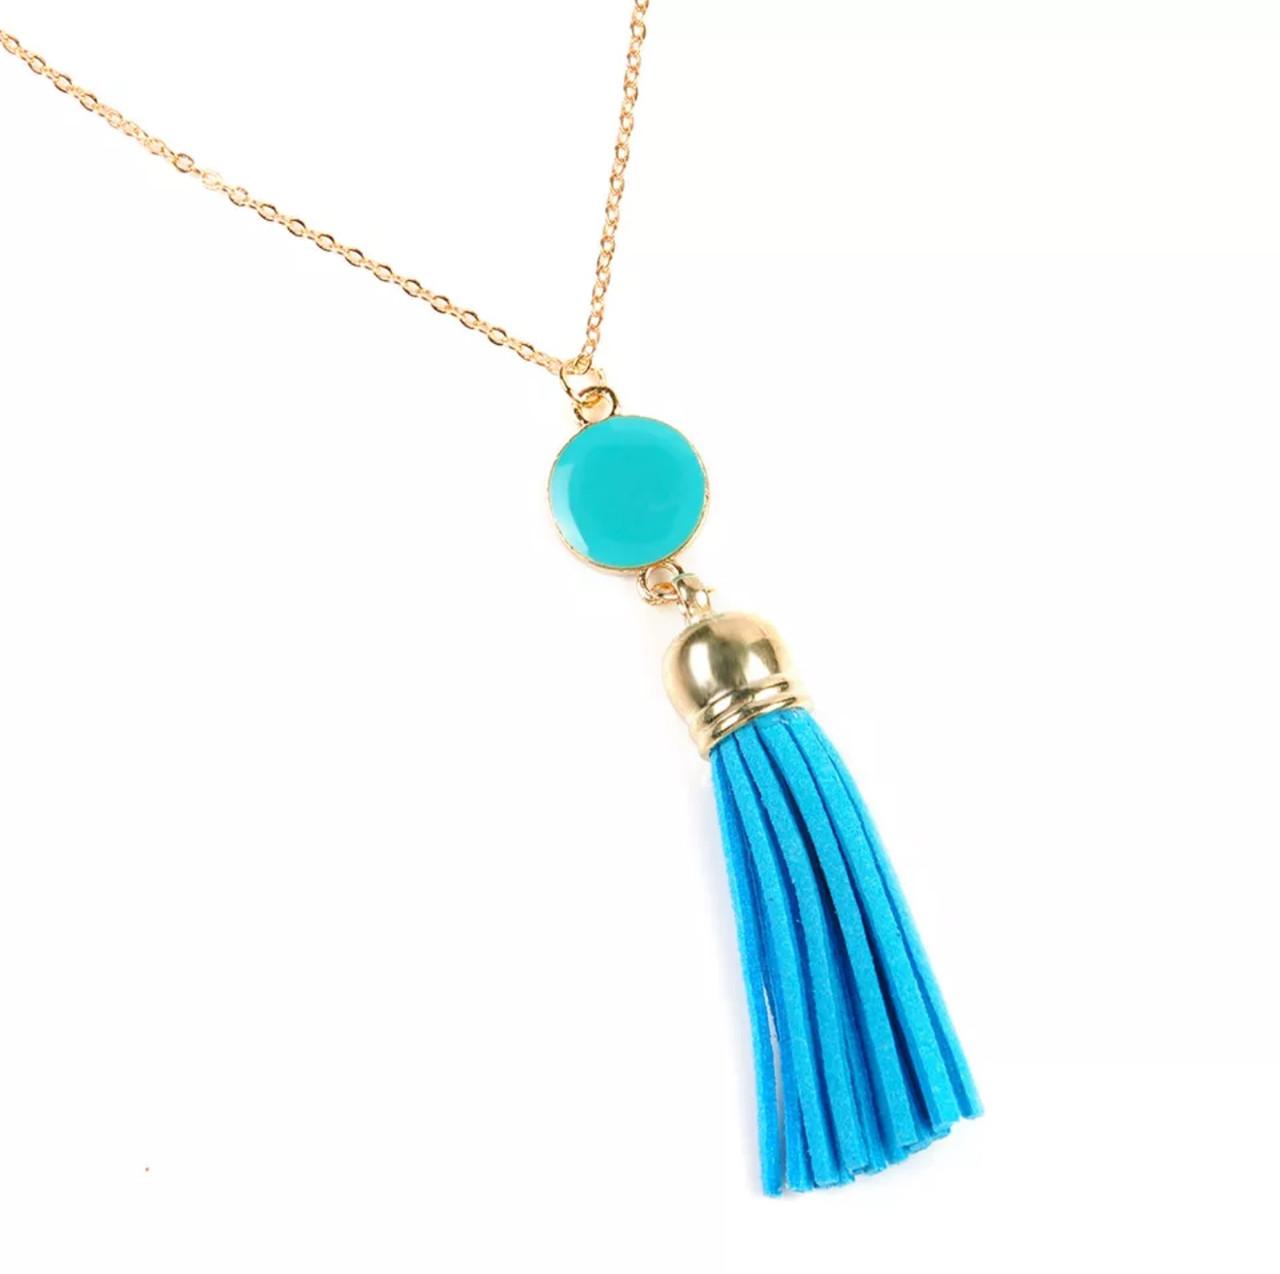 66d626edf918 Модная женская подвеска кисть украшение на шею, бижутерия «Blue styles»  (голубой